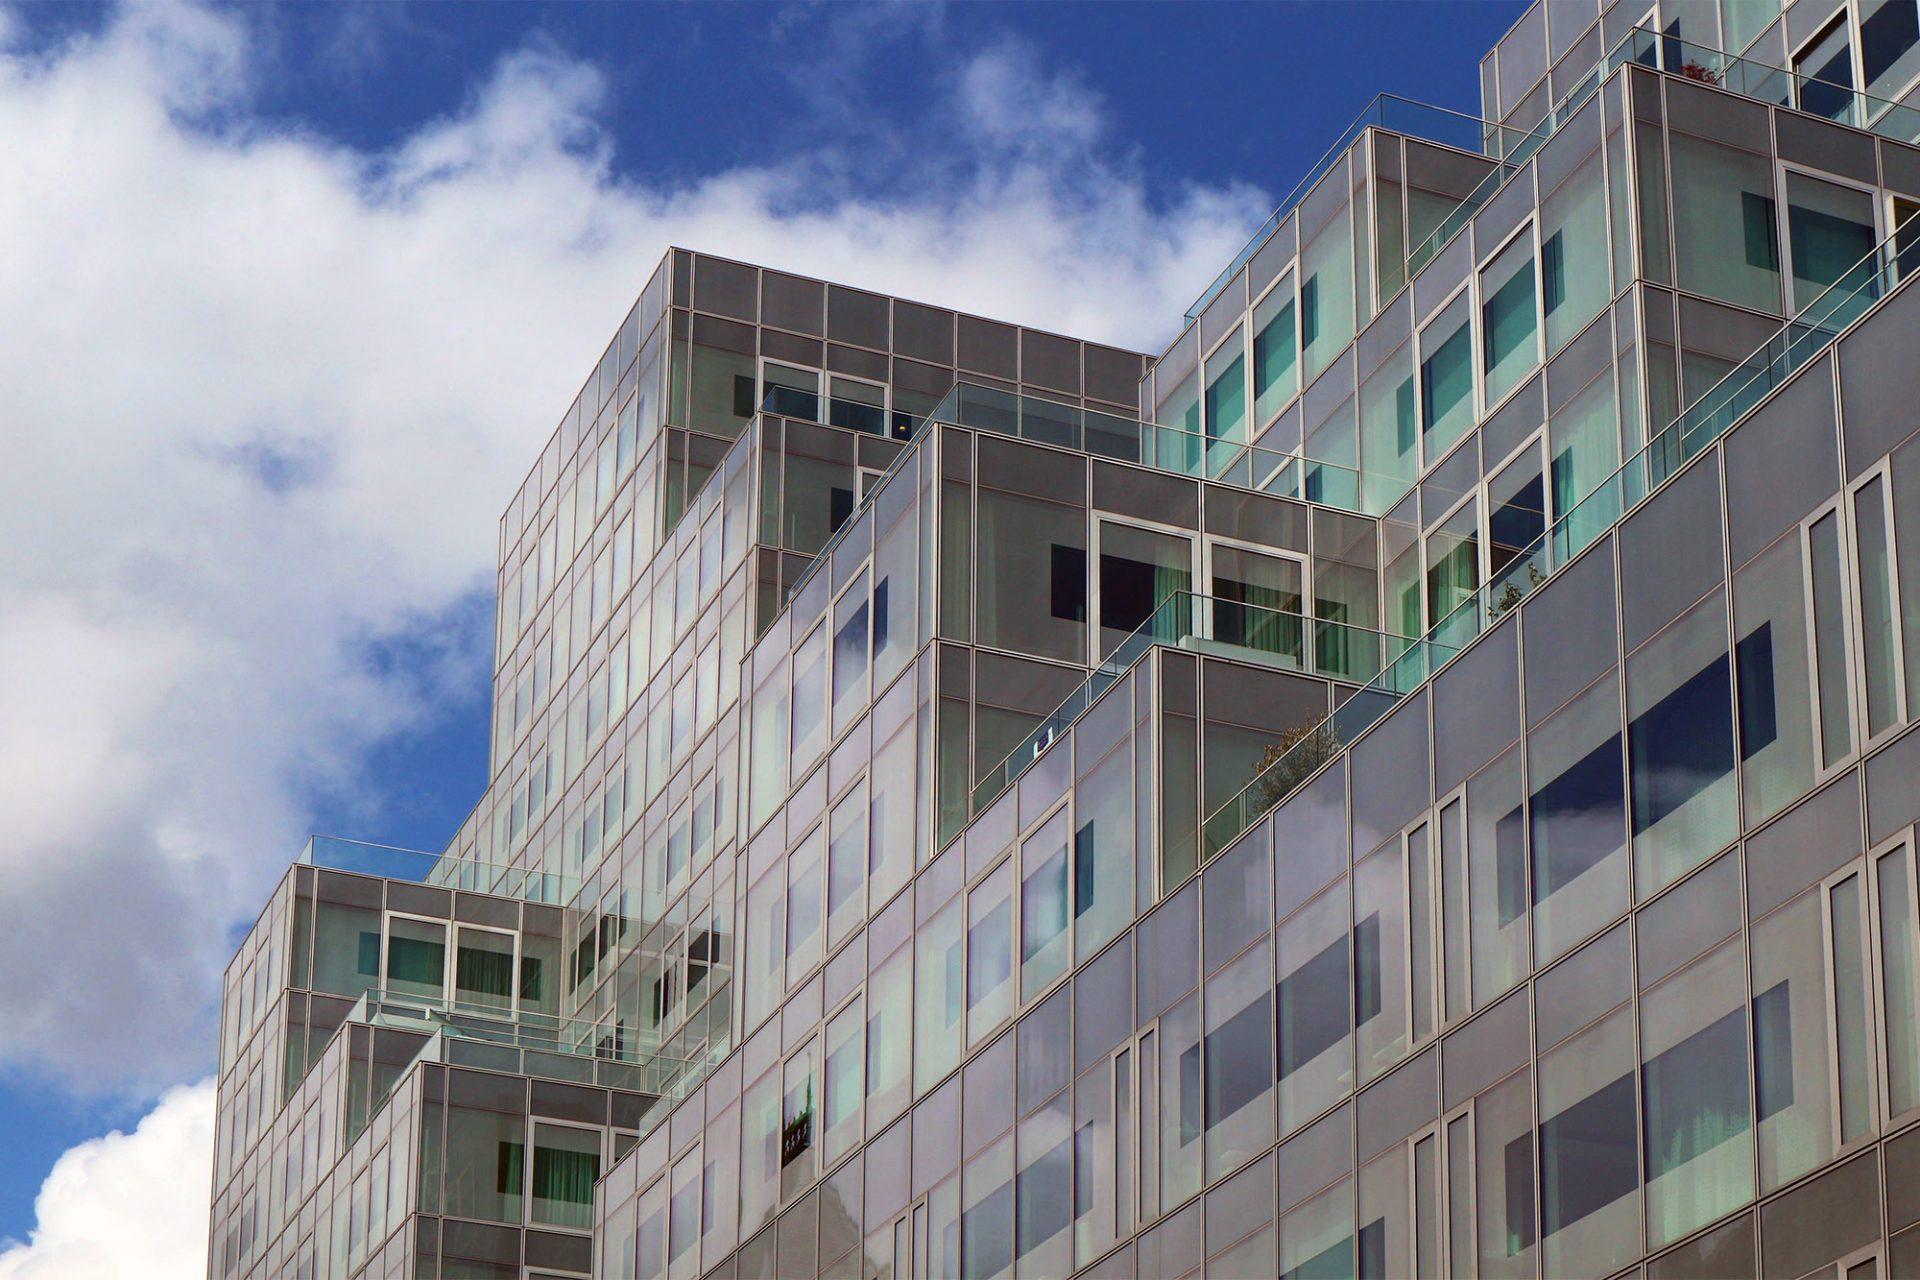 Timmerhuis. Die Fassade spiegelt den Himmel und schimmert in Blau- und Grauabtönungen.